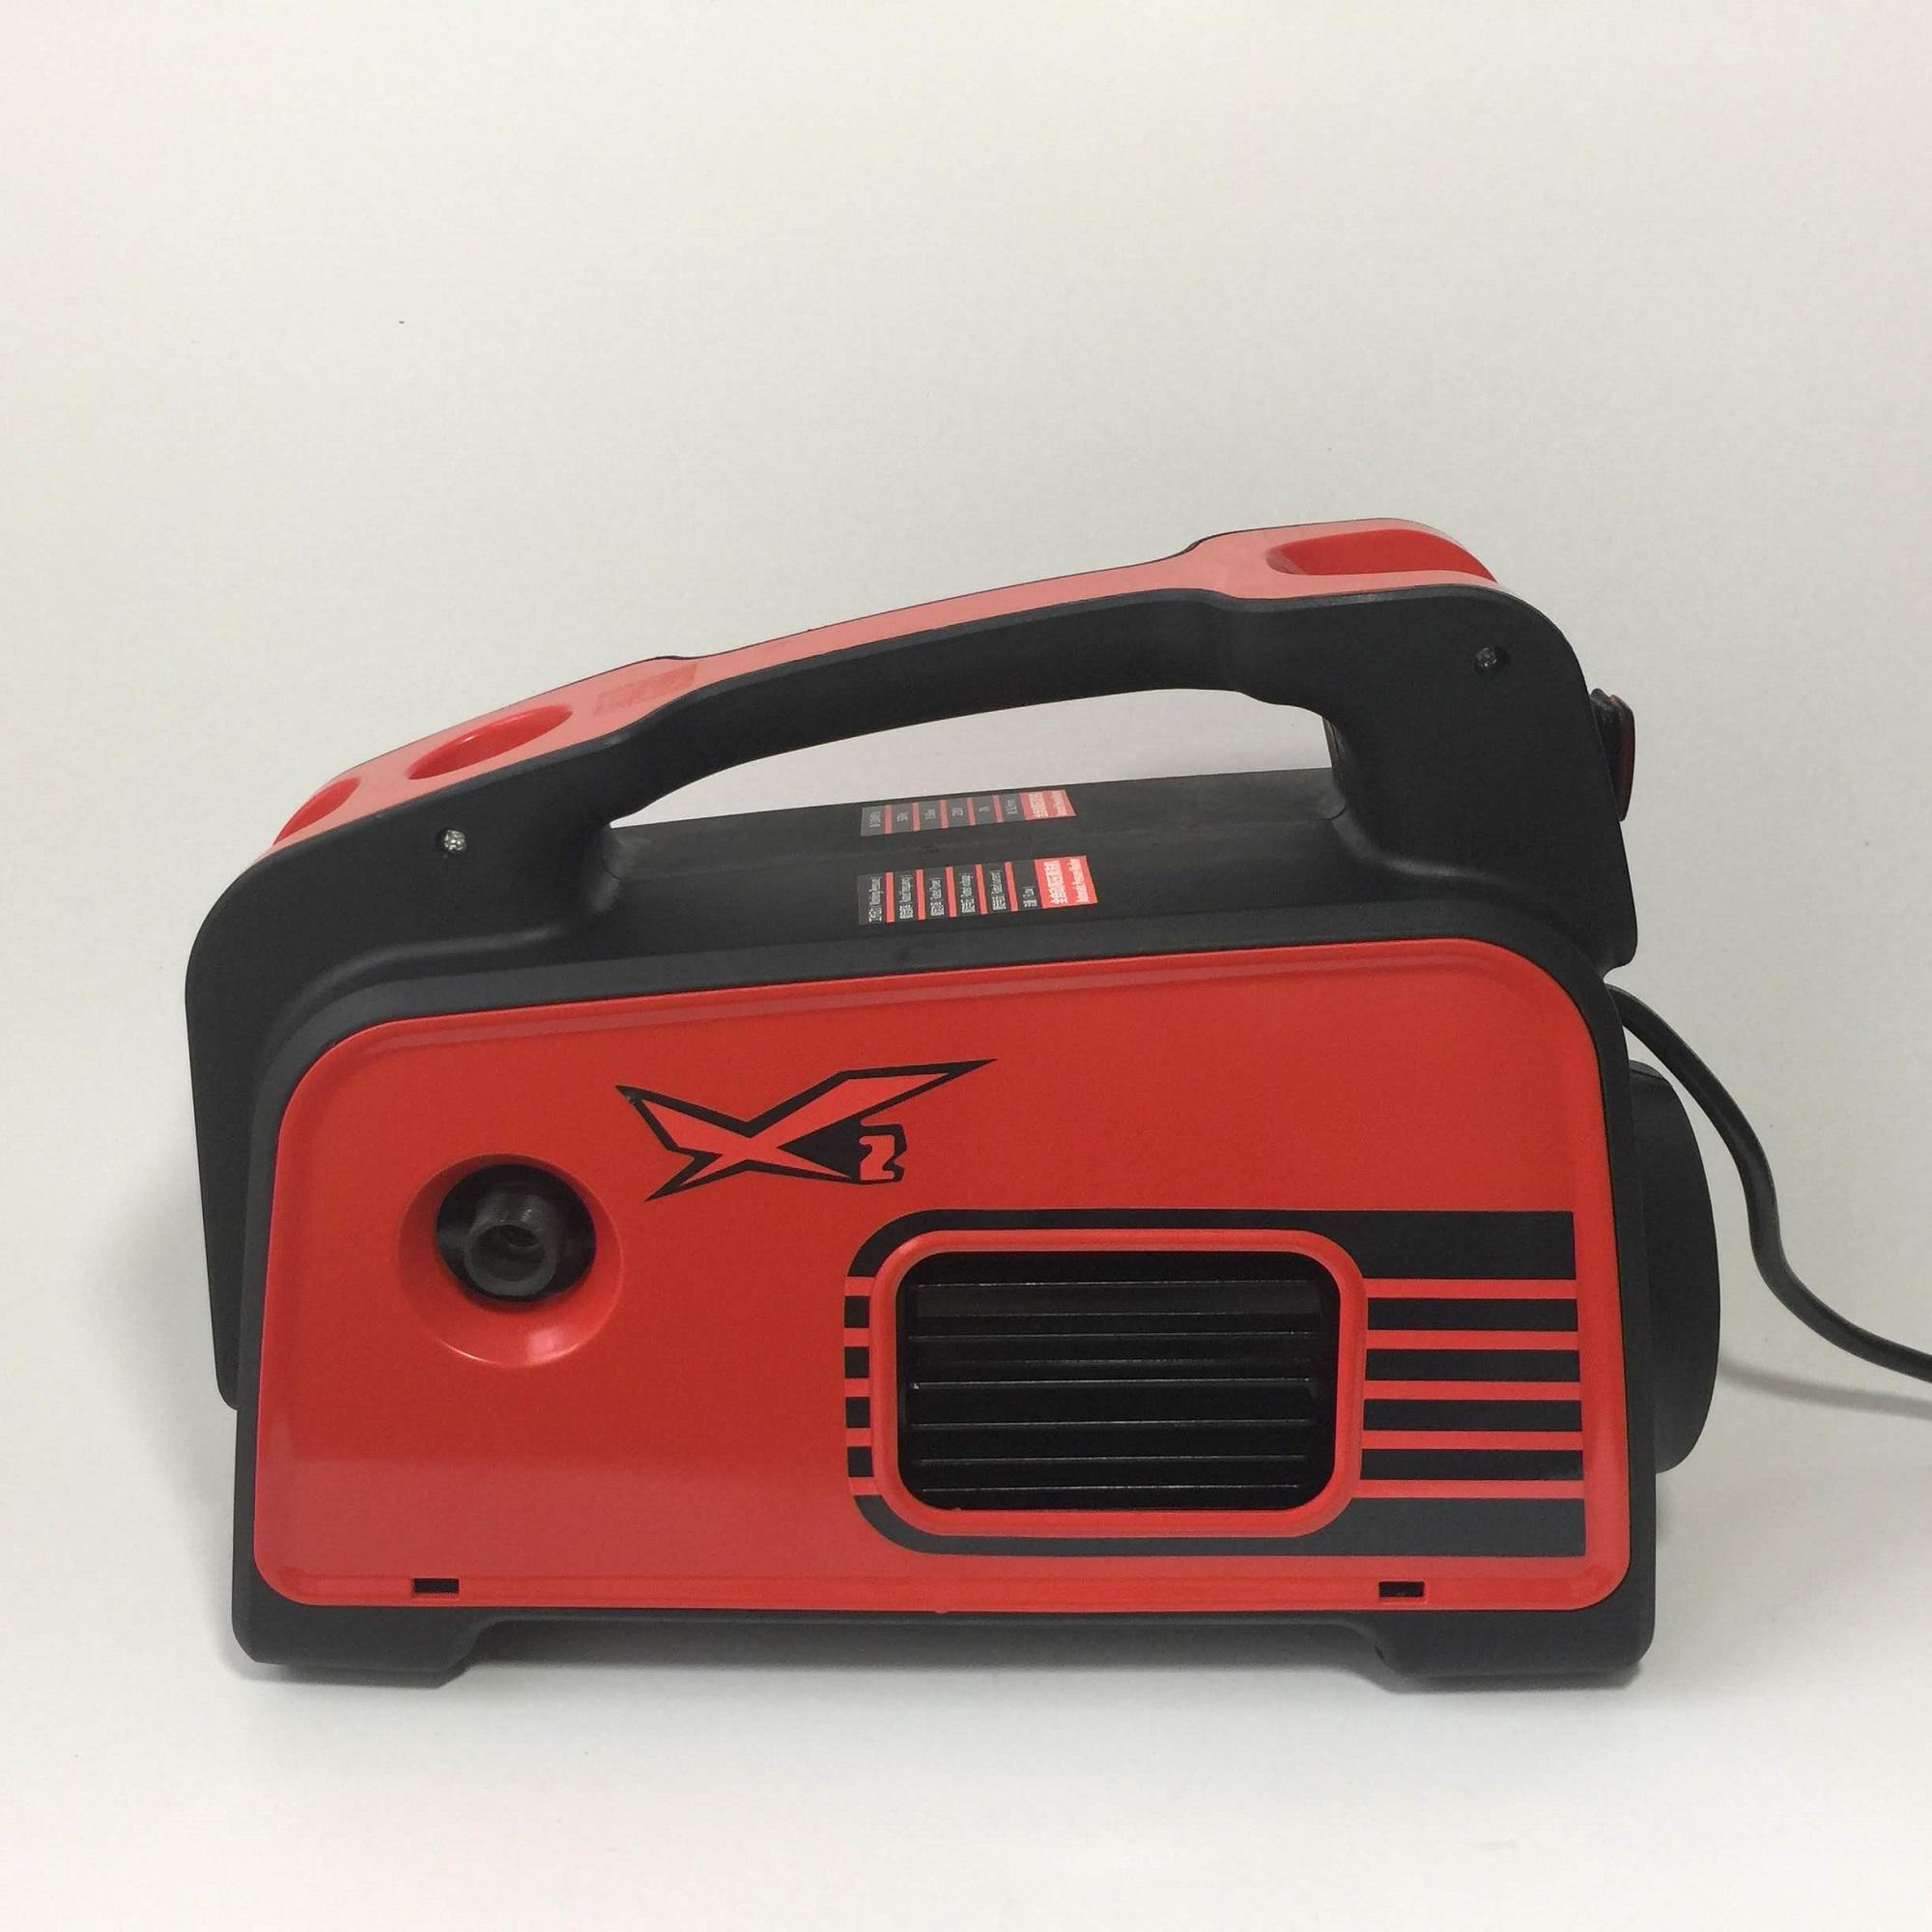 Máy xịt rửa cao áp EDEN - X2 (tặng kèm bình bọt tuyết)